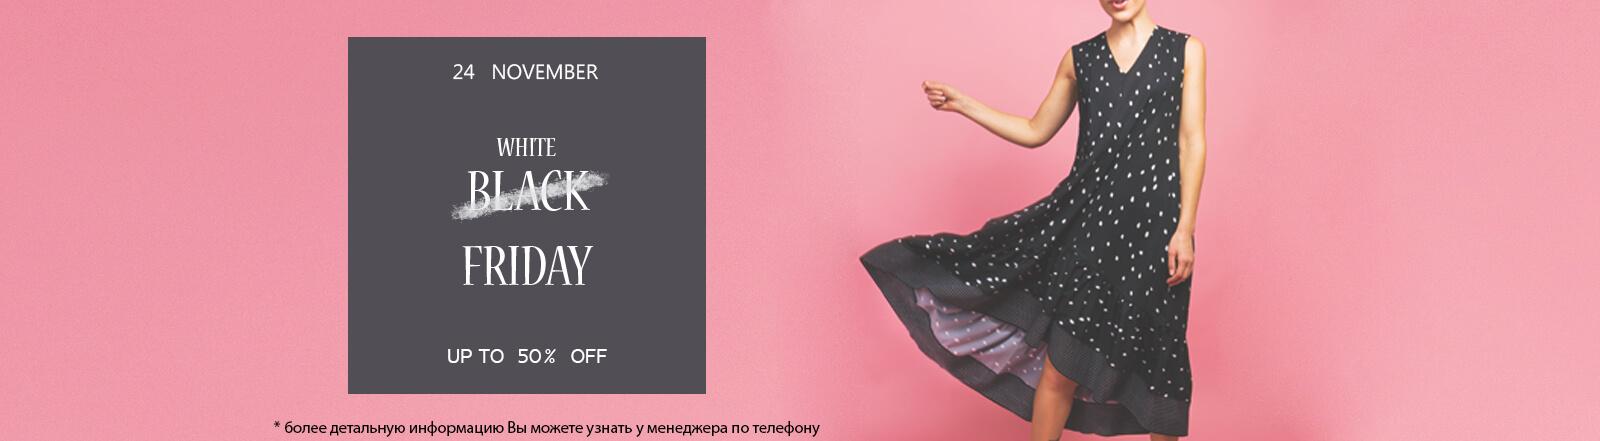 Купить реплики брендовой одежды доставка